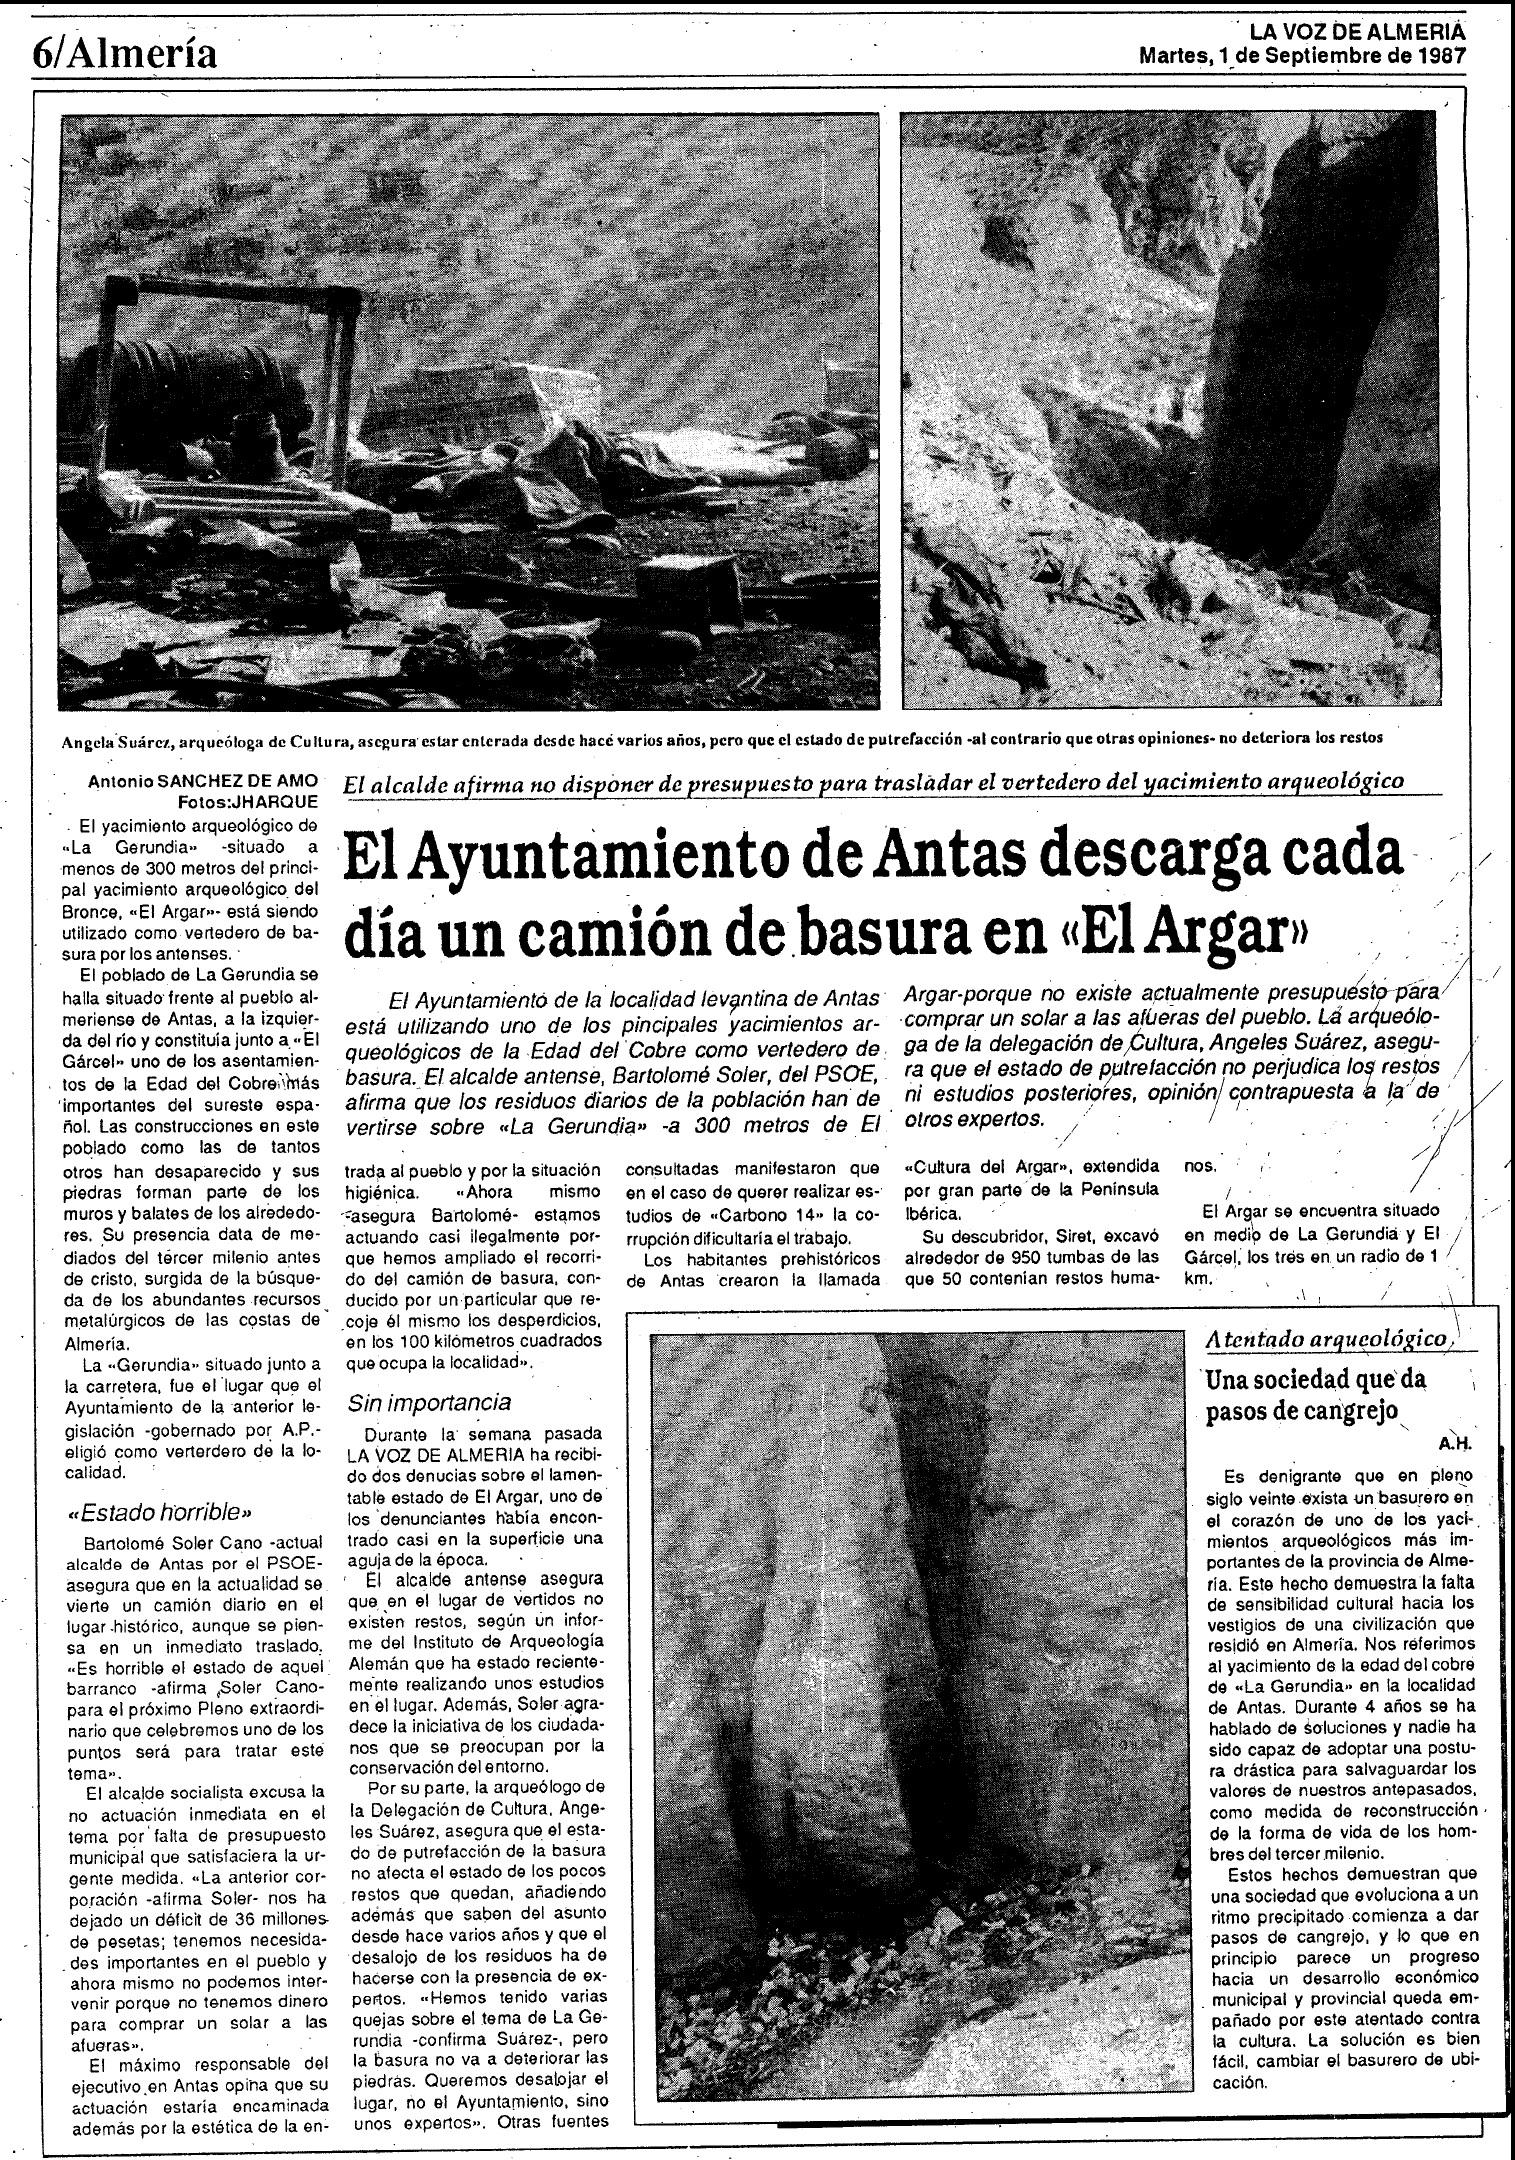 noticia2.jpg